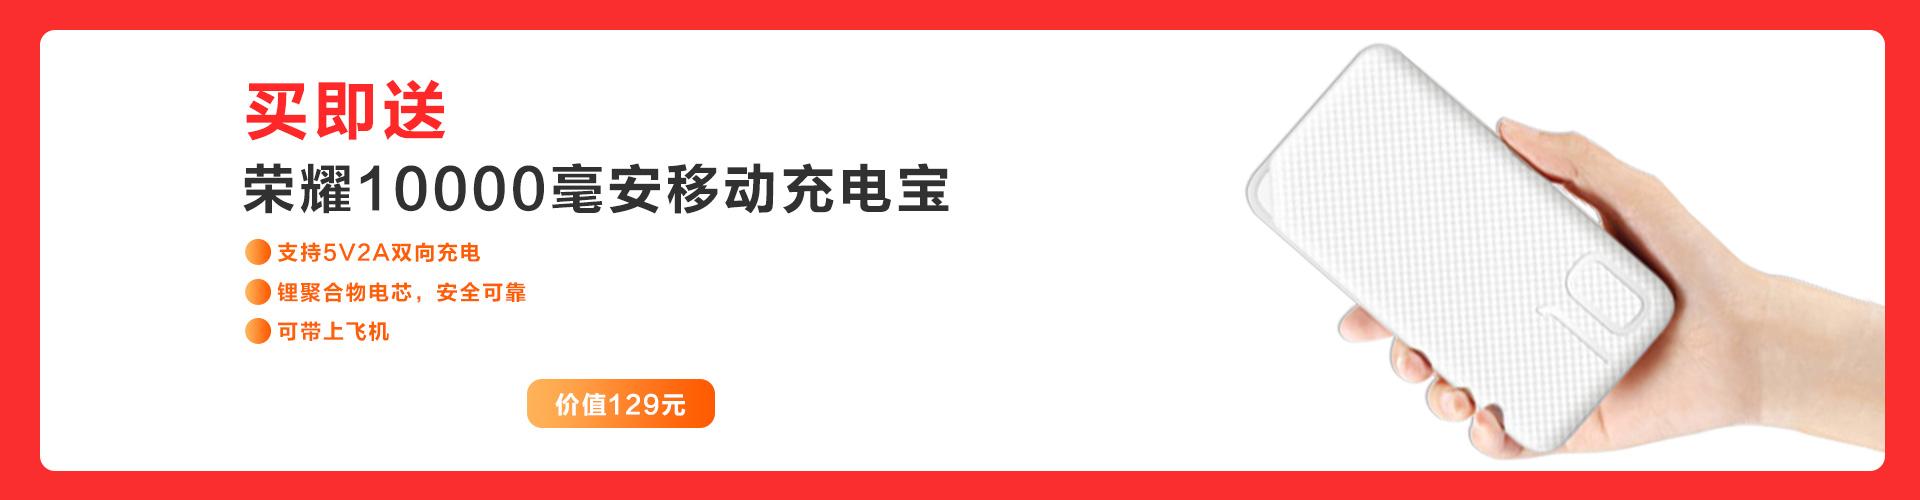 翻译机详情页TOP.jpg